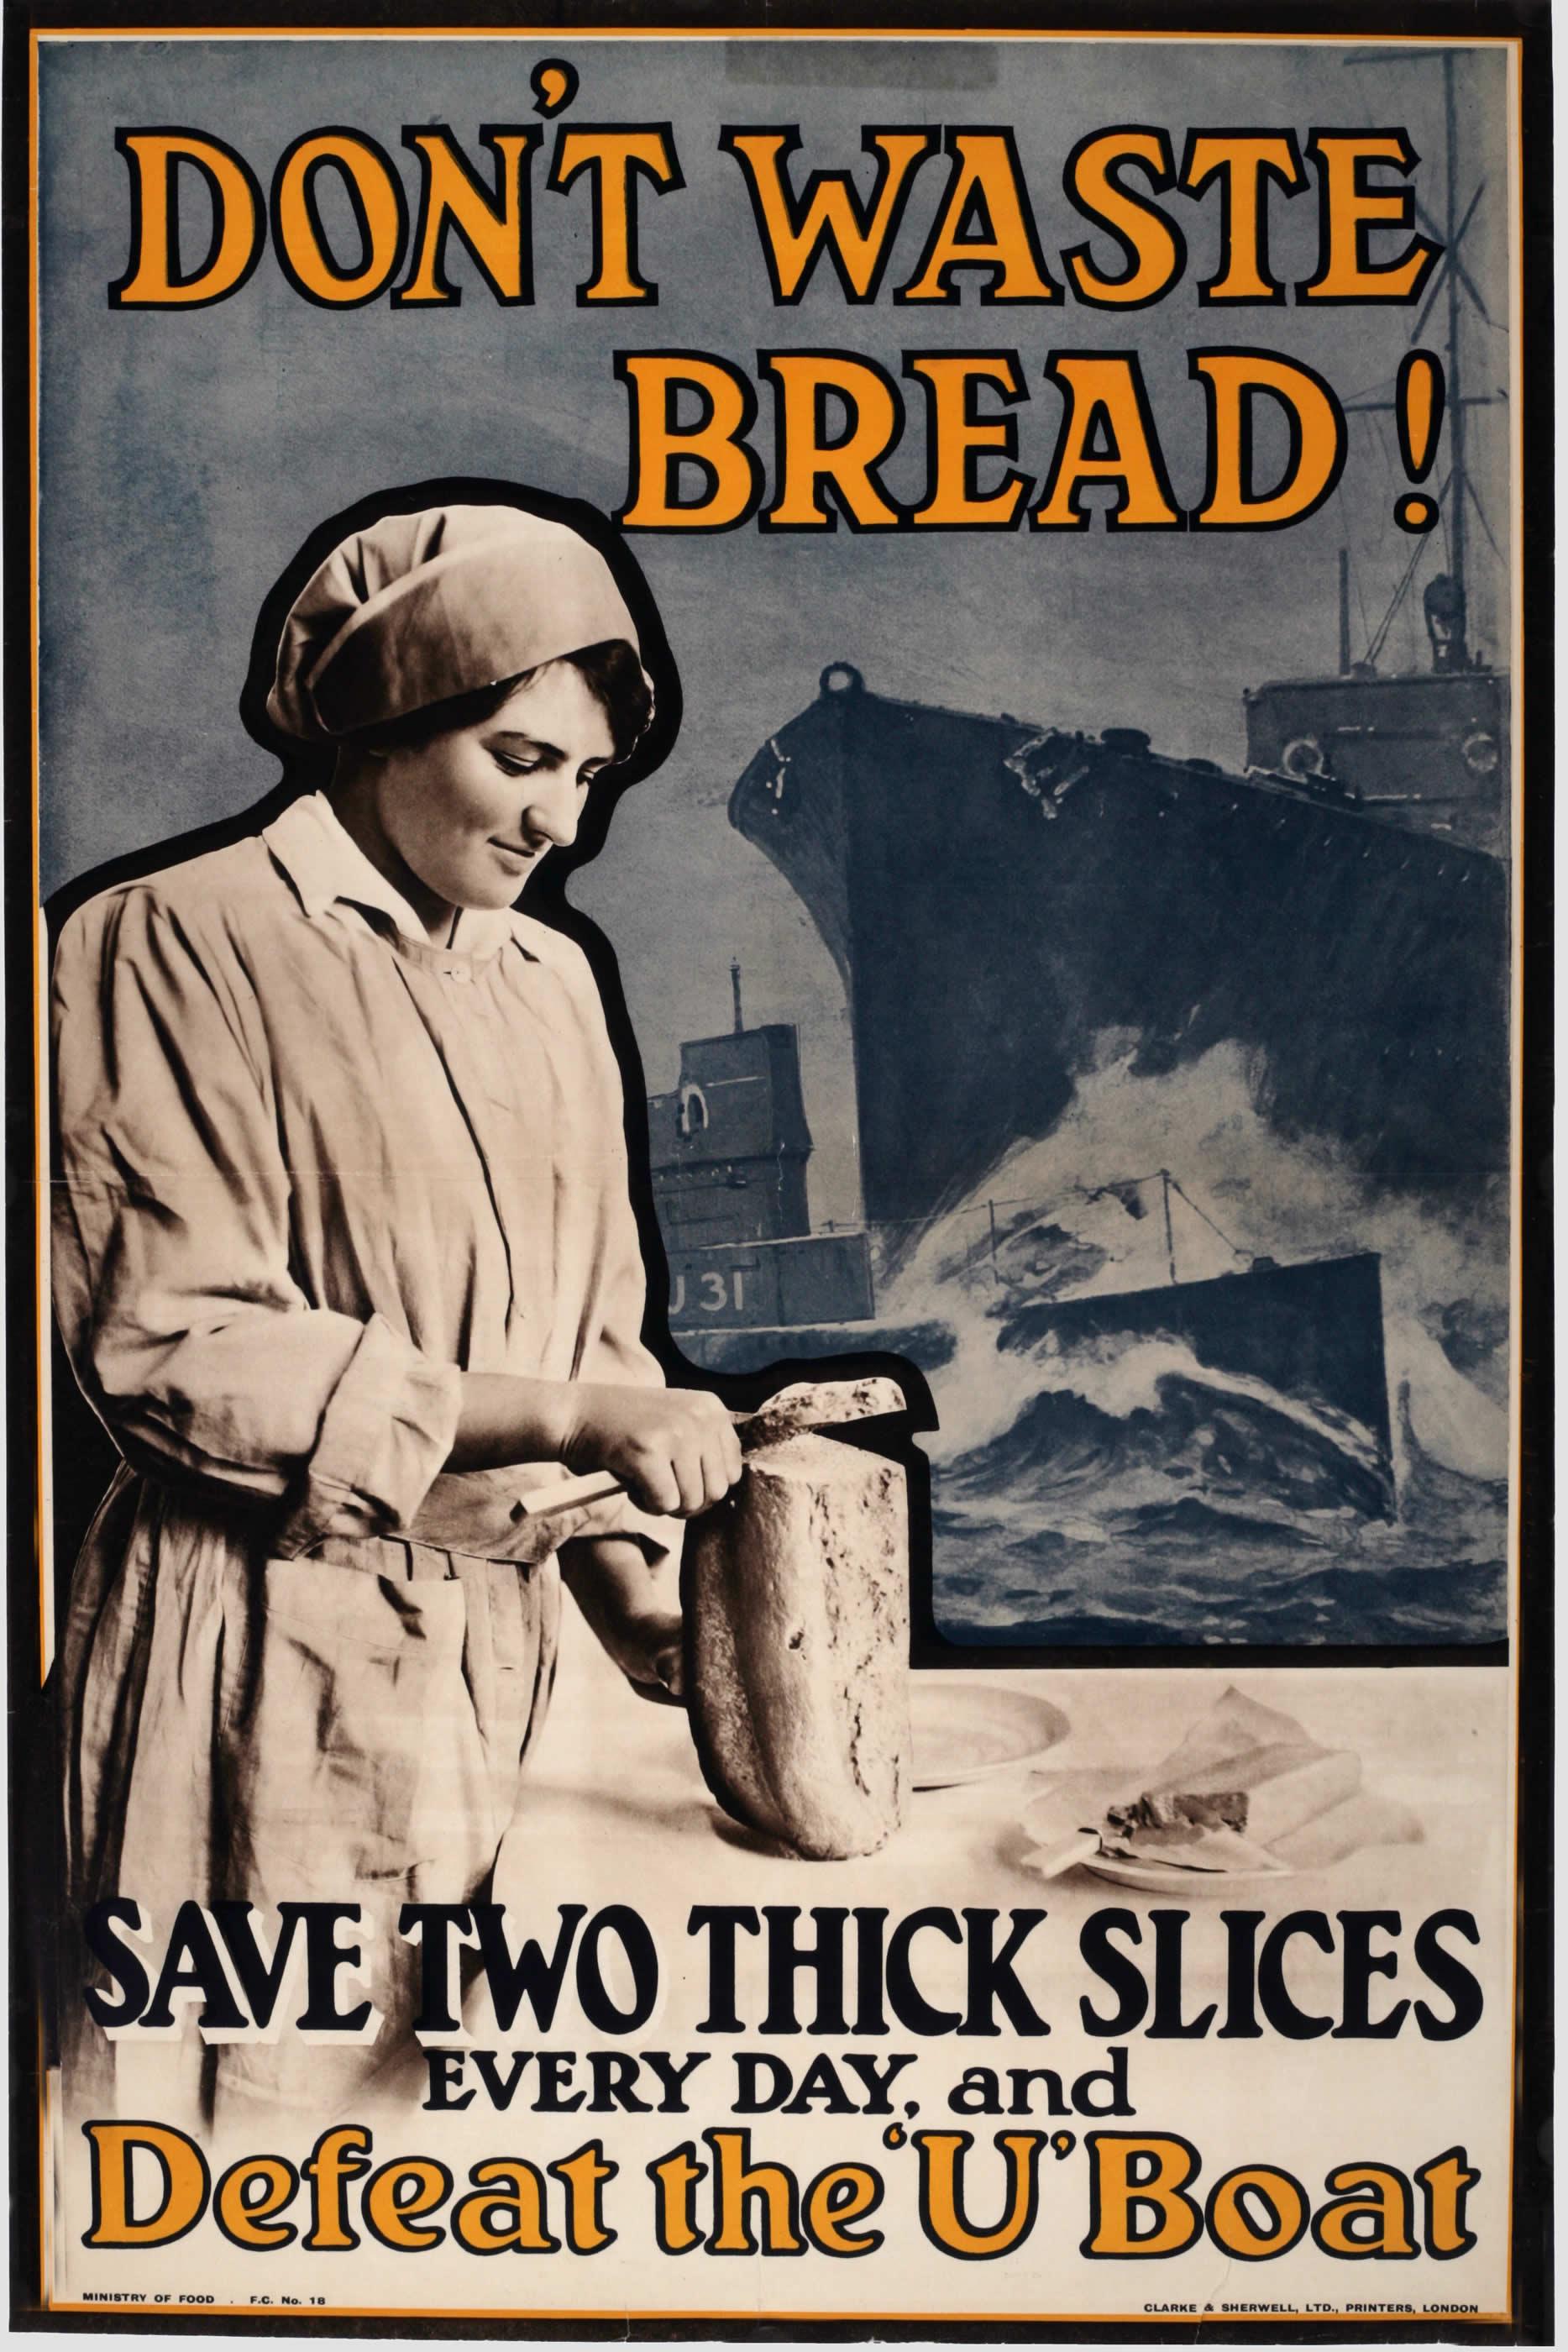 <i>Don't Waste Bread!</i>